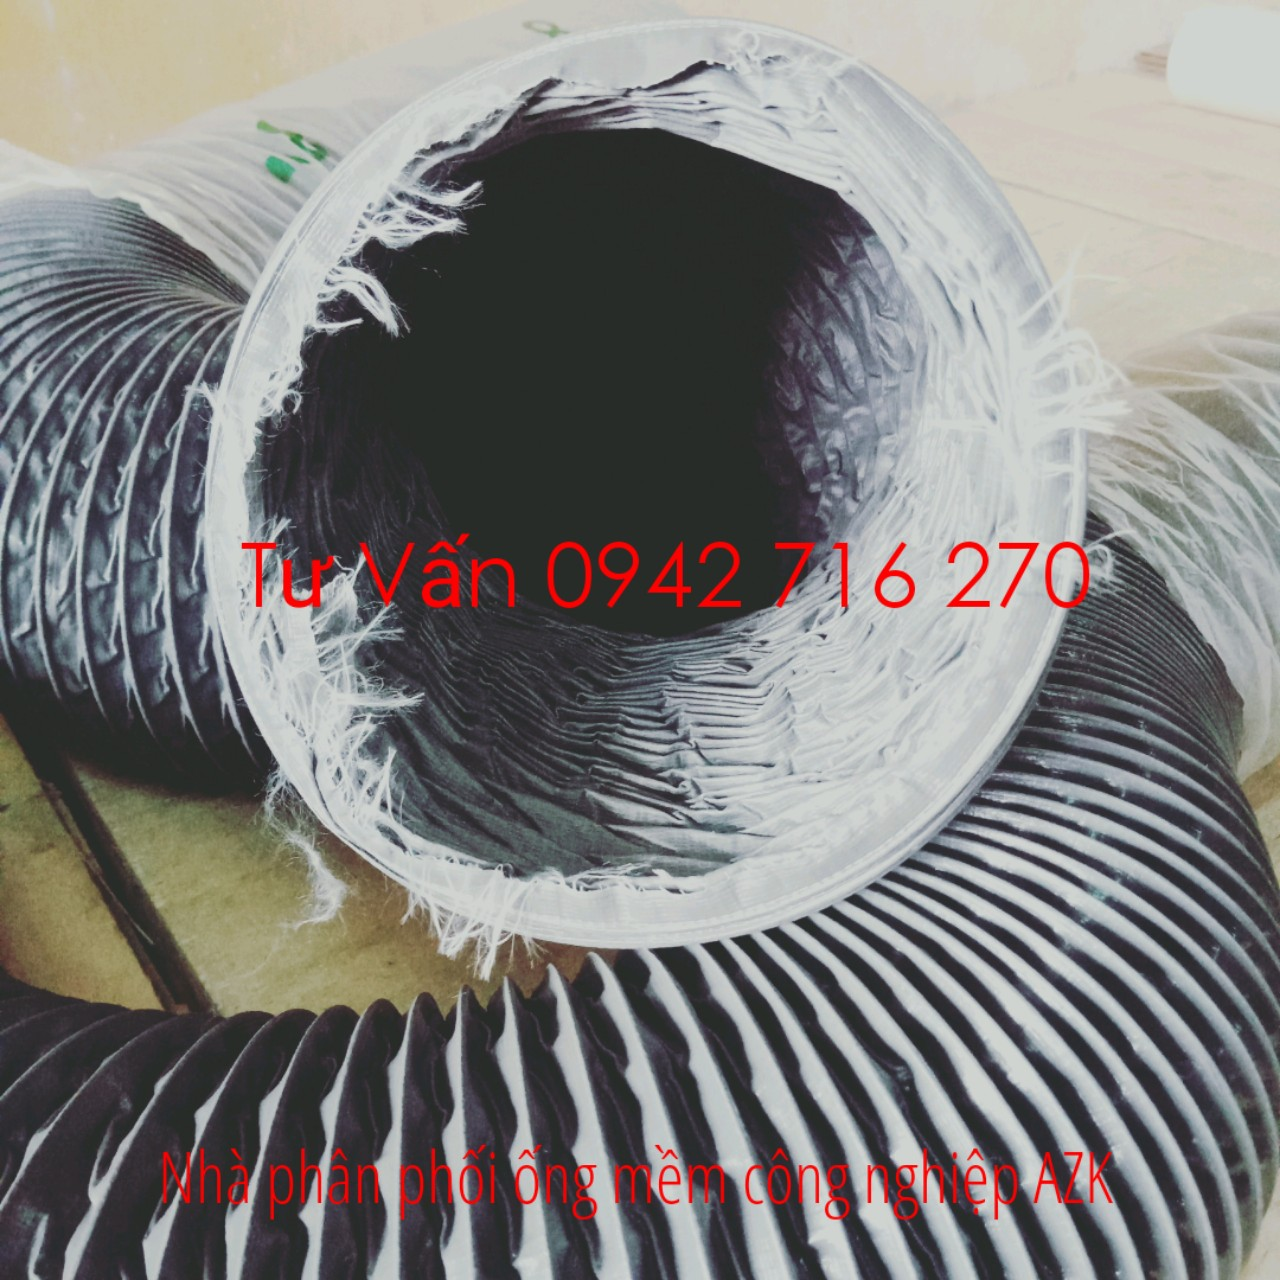 bán ống gió mềm vải simili chính hãng